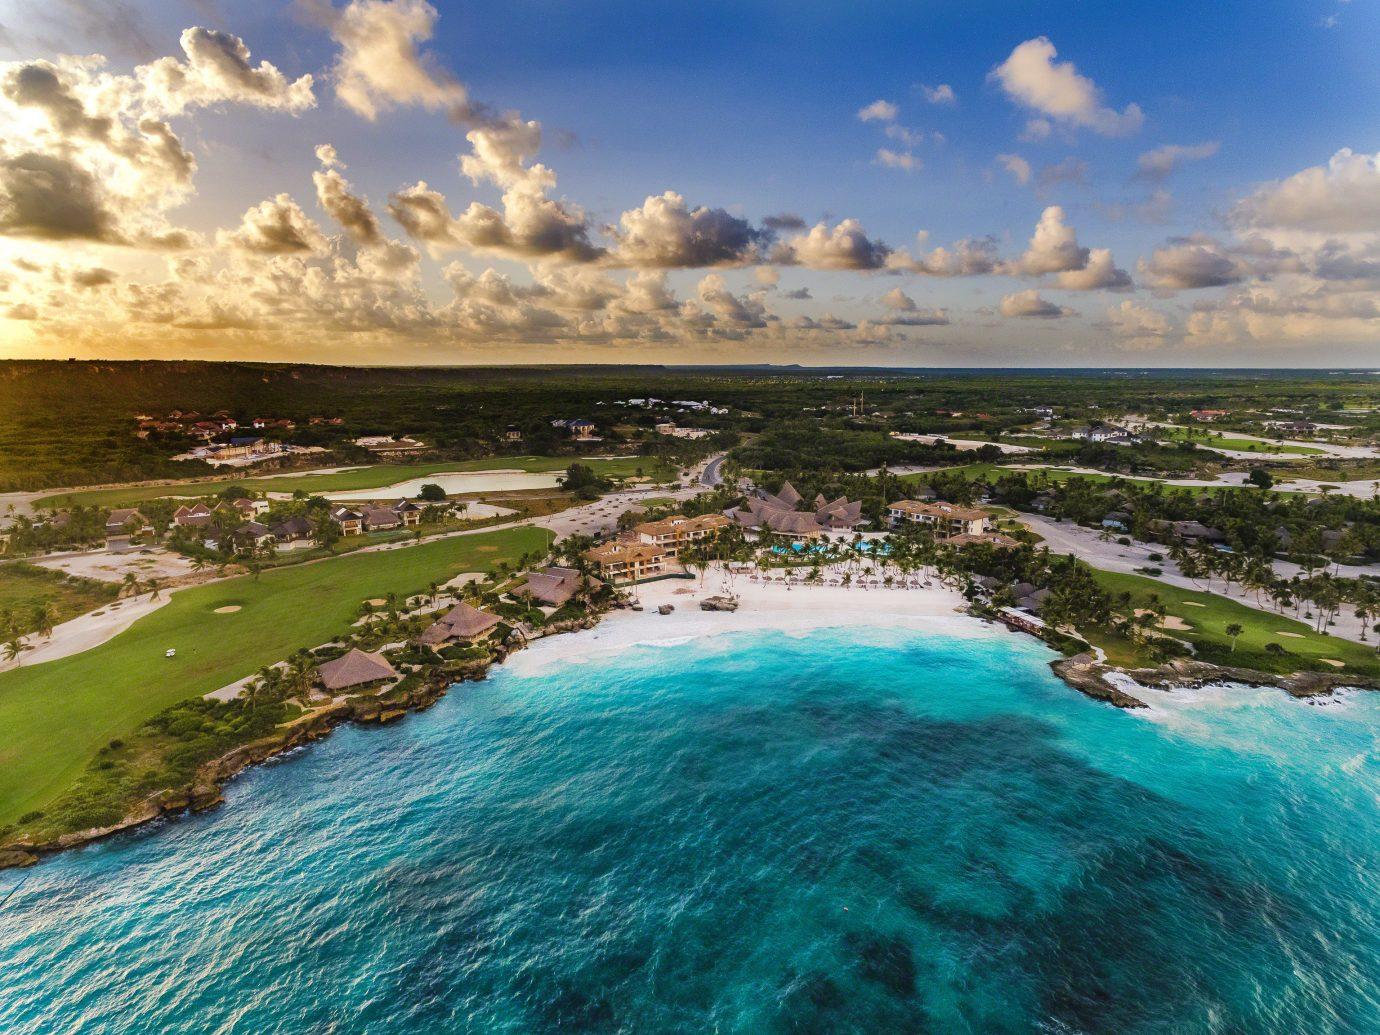 Punta Cana Landscape In Dominican Republic